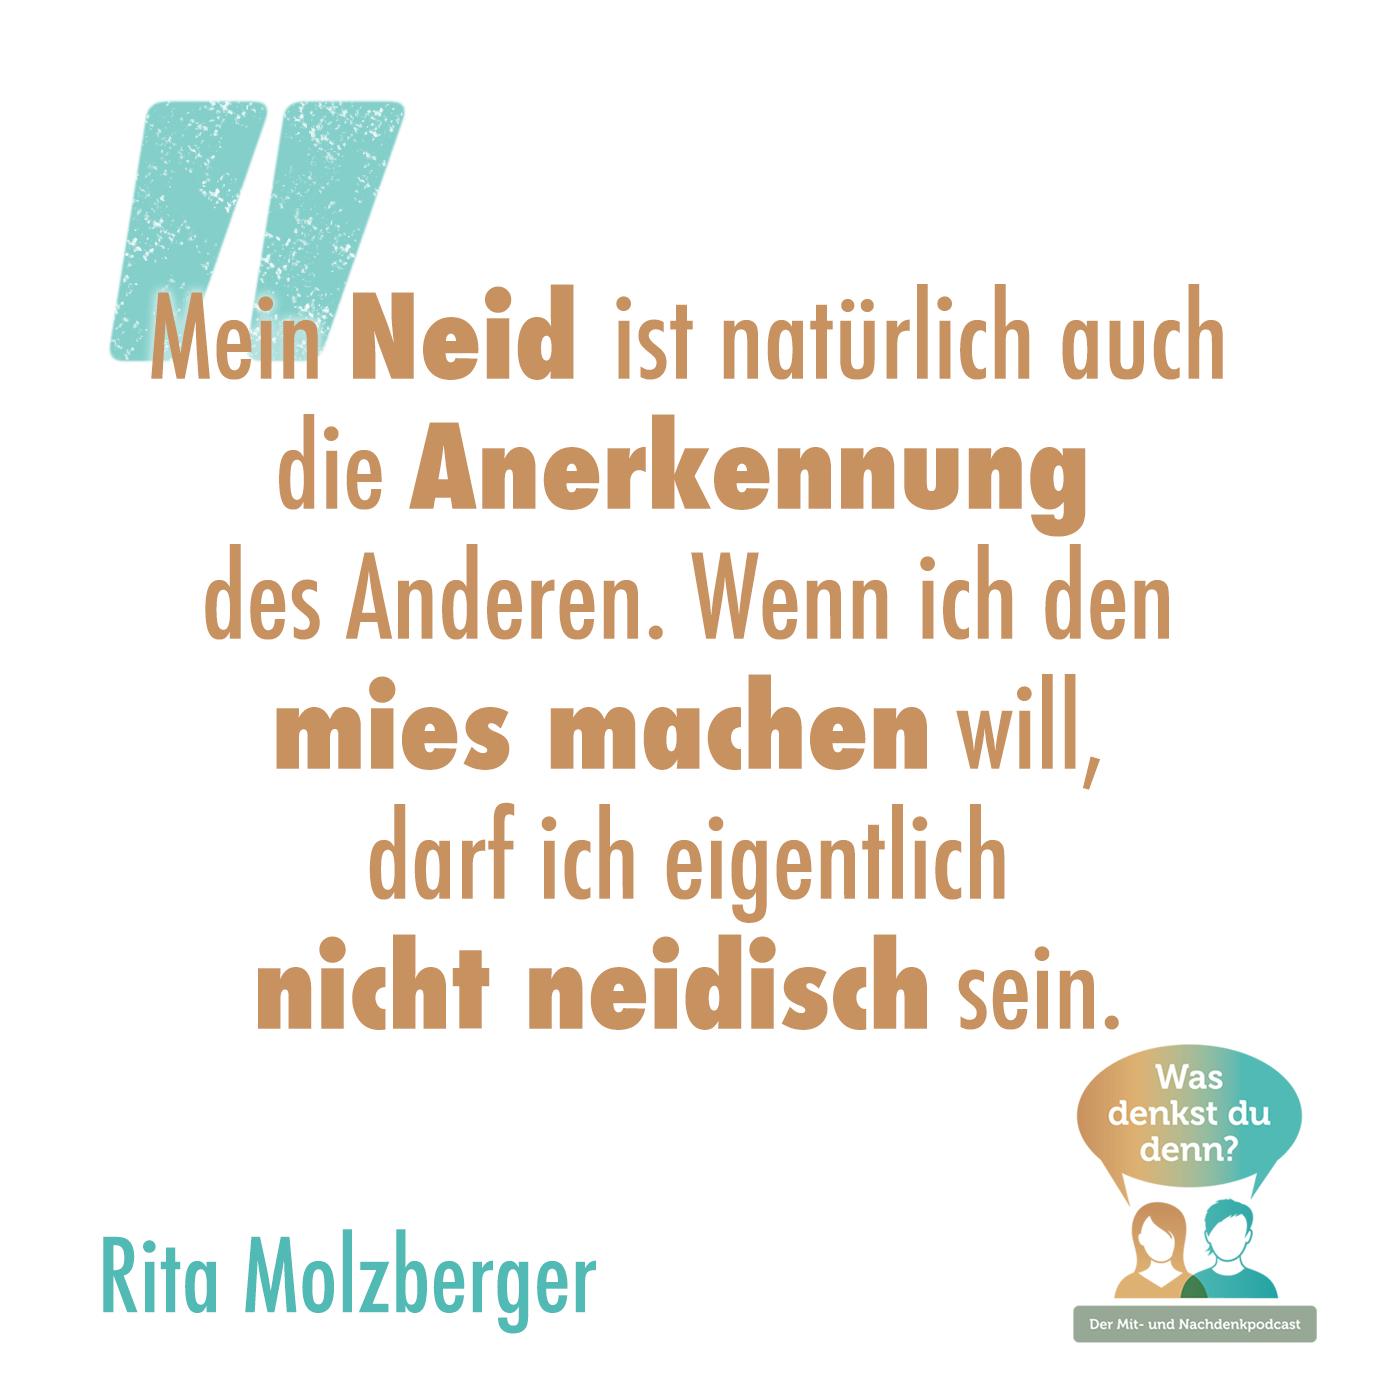 Zitat von Rita Molzberger: Mein Neid ist natürlich auch die Anerkennung des Anderen. Wenn ich den mies machen will, darf ich eigentlich nicht neidisch sein.